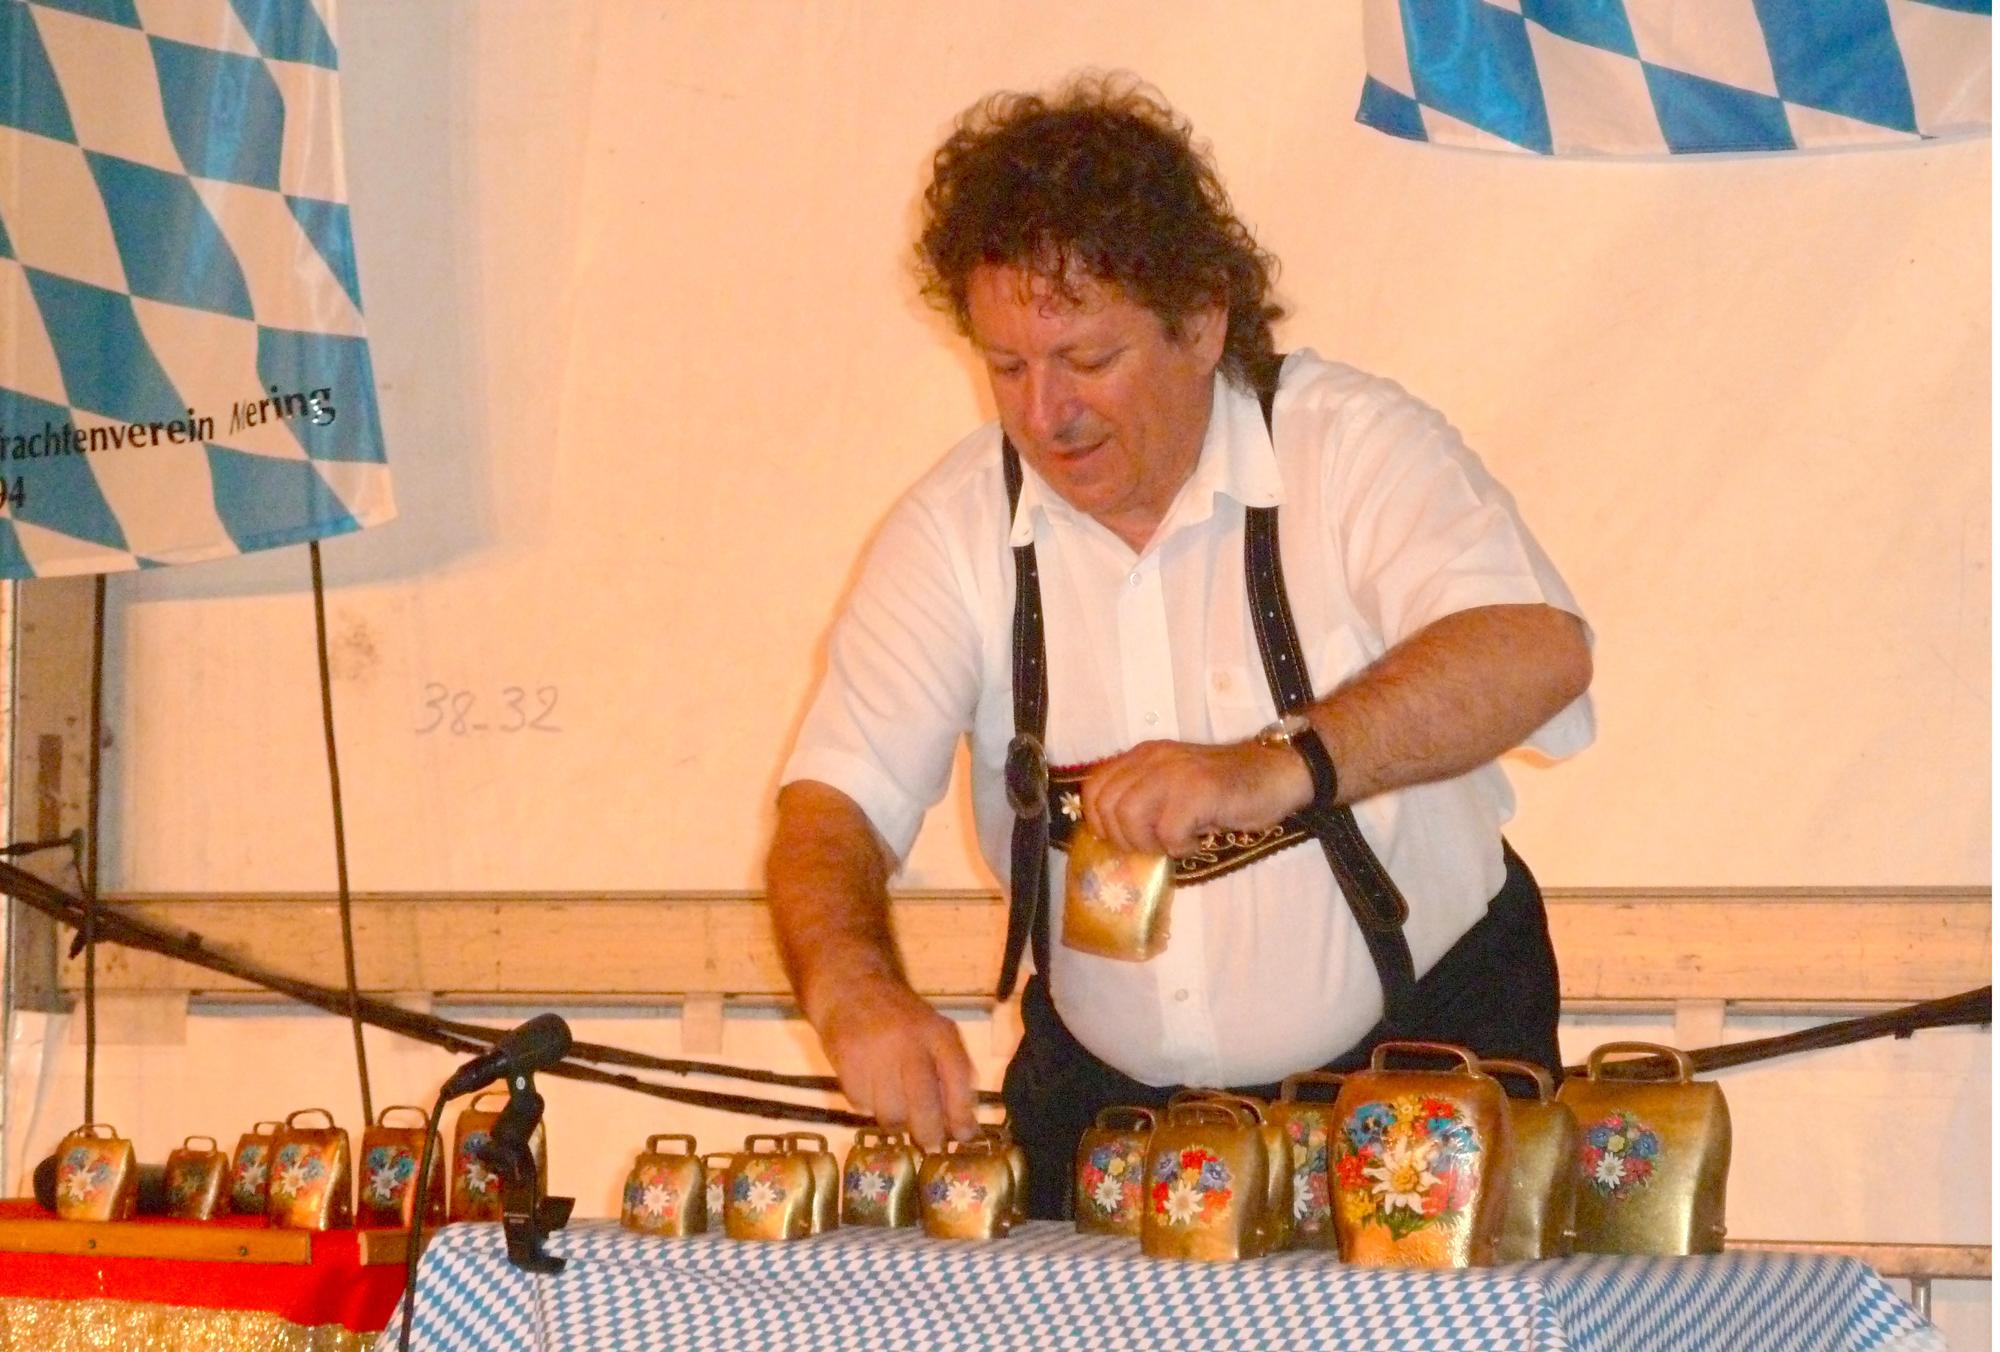 6a Ambérieu 01 Fête de la Bière 2012 orchestre bavarois et clarines